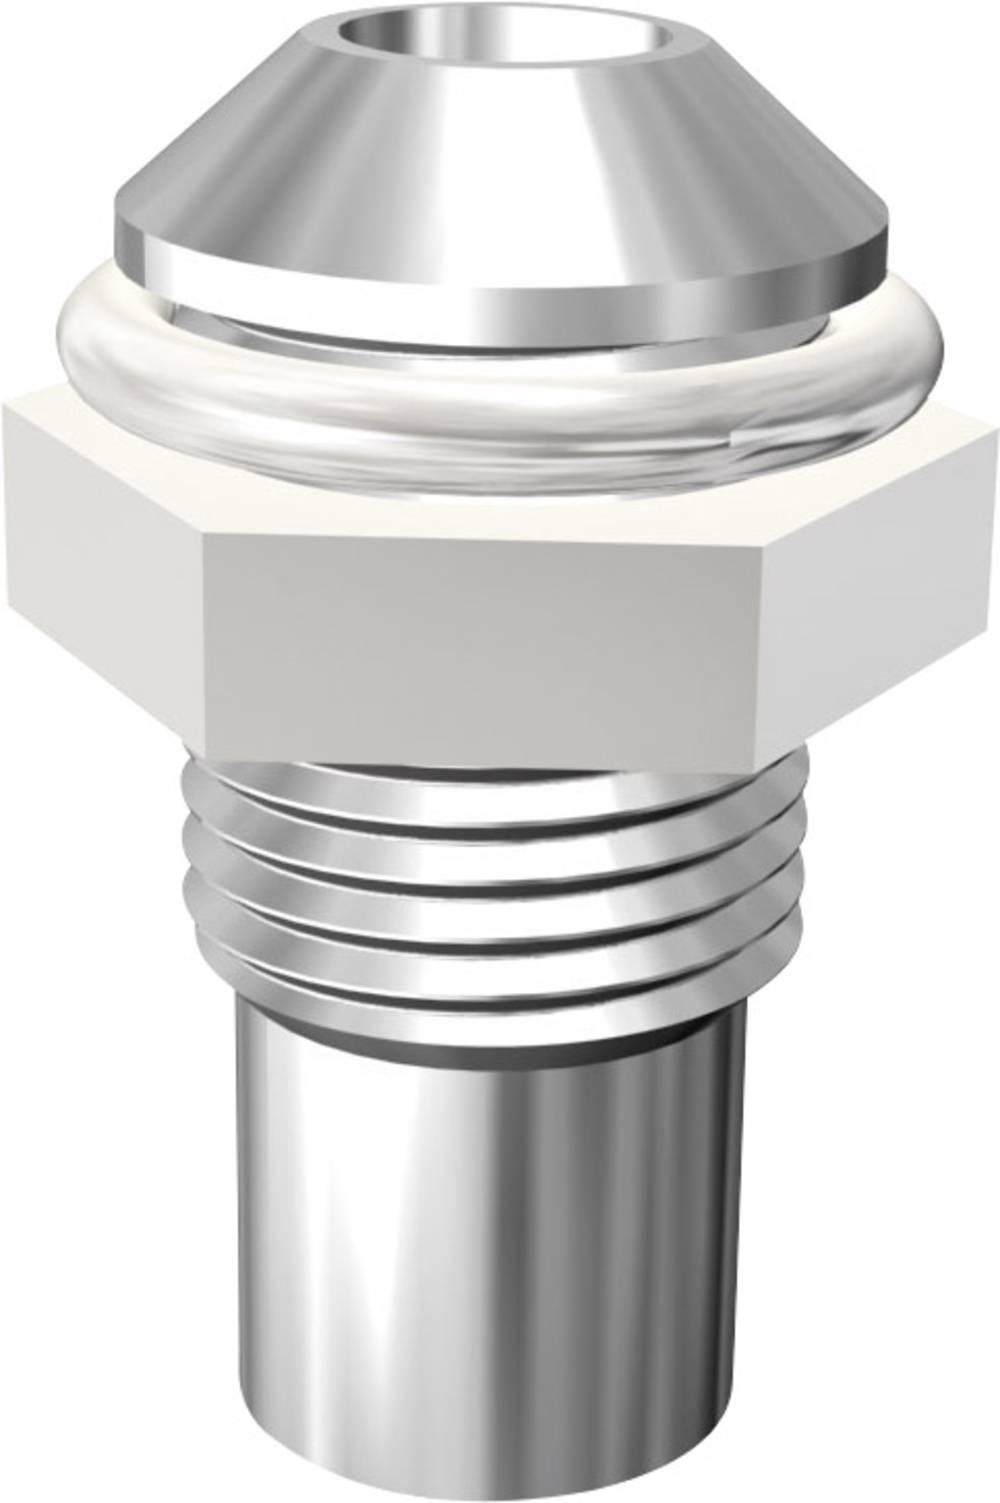 LED-fatning Metal Passer til LED 3 mm Skruefastgørelse Signal Construct SMQ1069